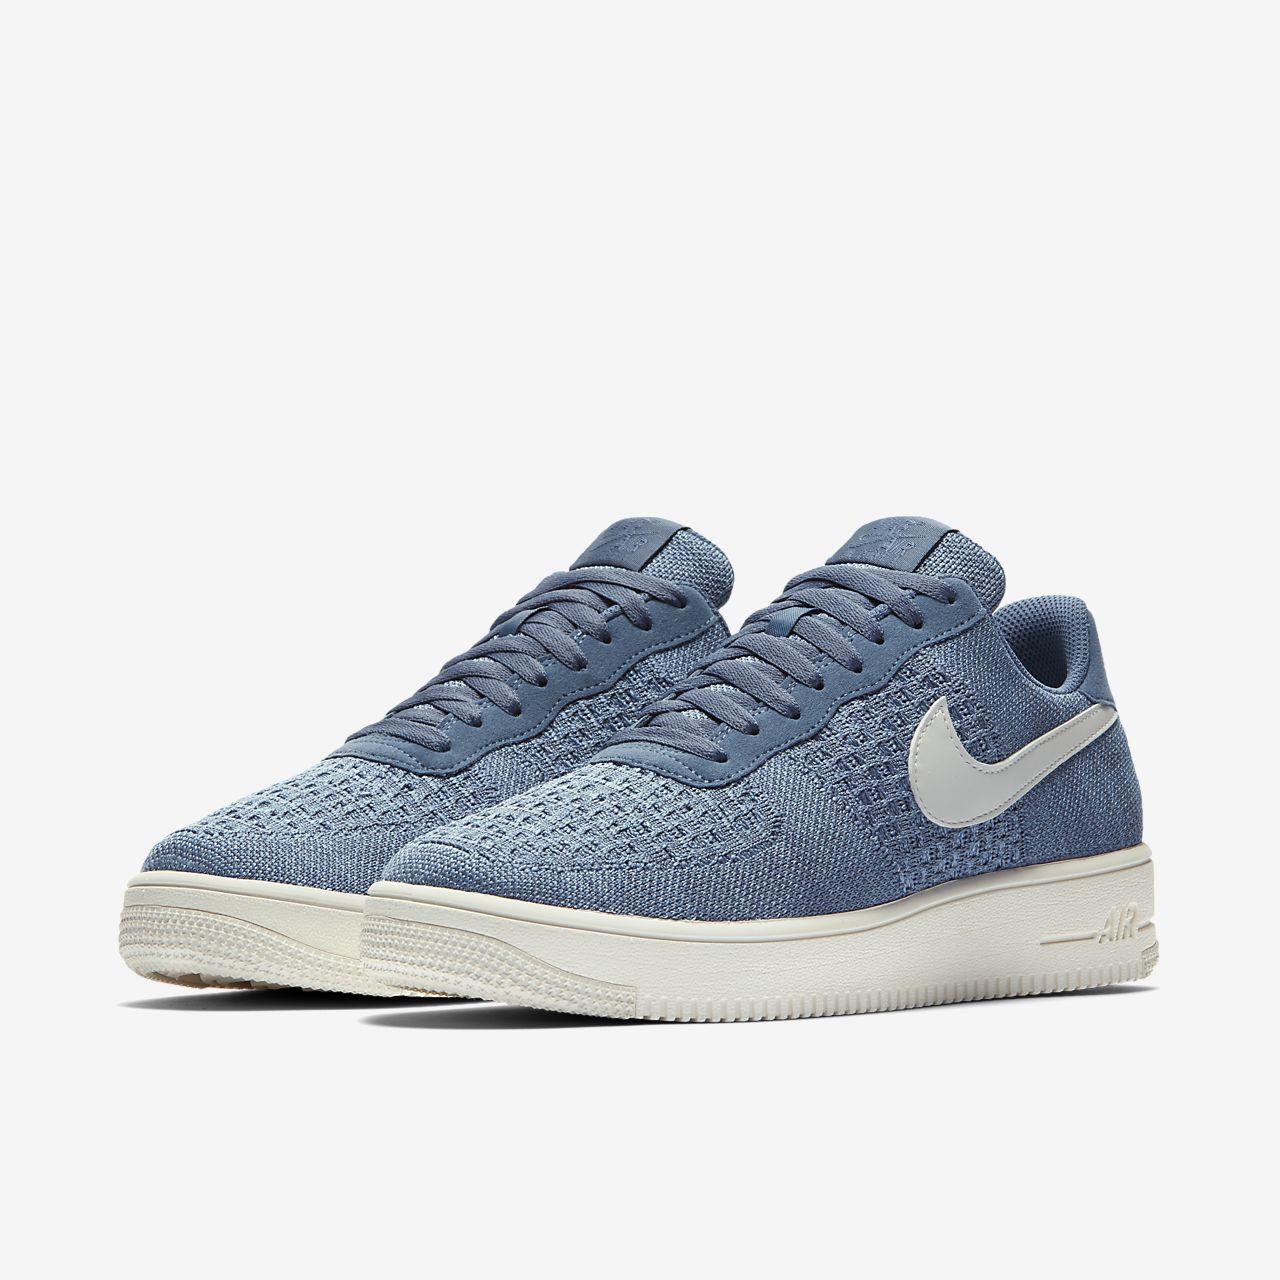 nouveau produit ab521 24d9e Nike Air Force 1 Flyknit 2.0 Men's Shoe